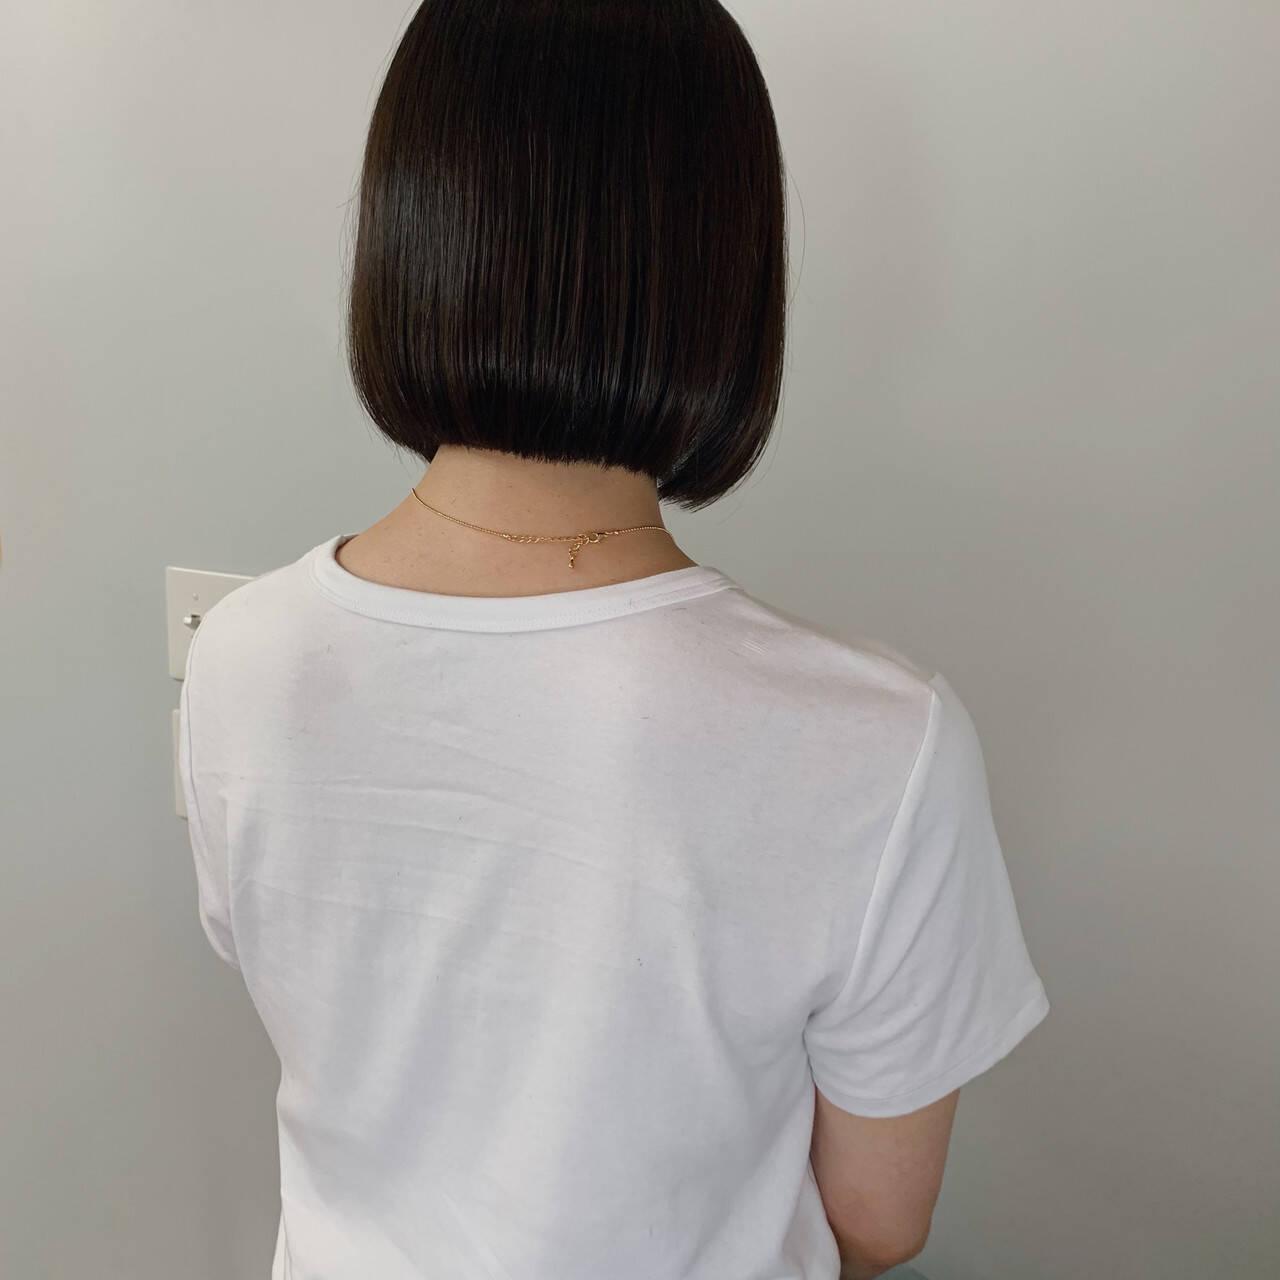 モード ボブアレンジ ストレート 黒髪ヘアスタイルや髪型の写真・画像